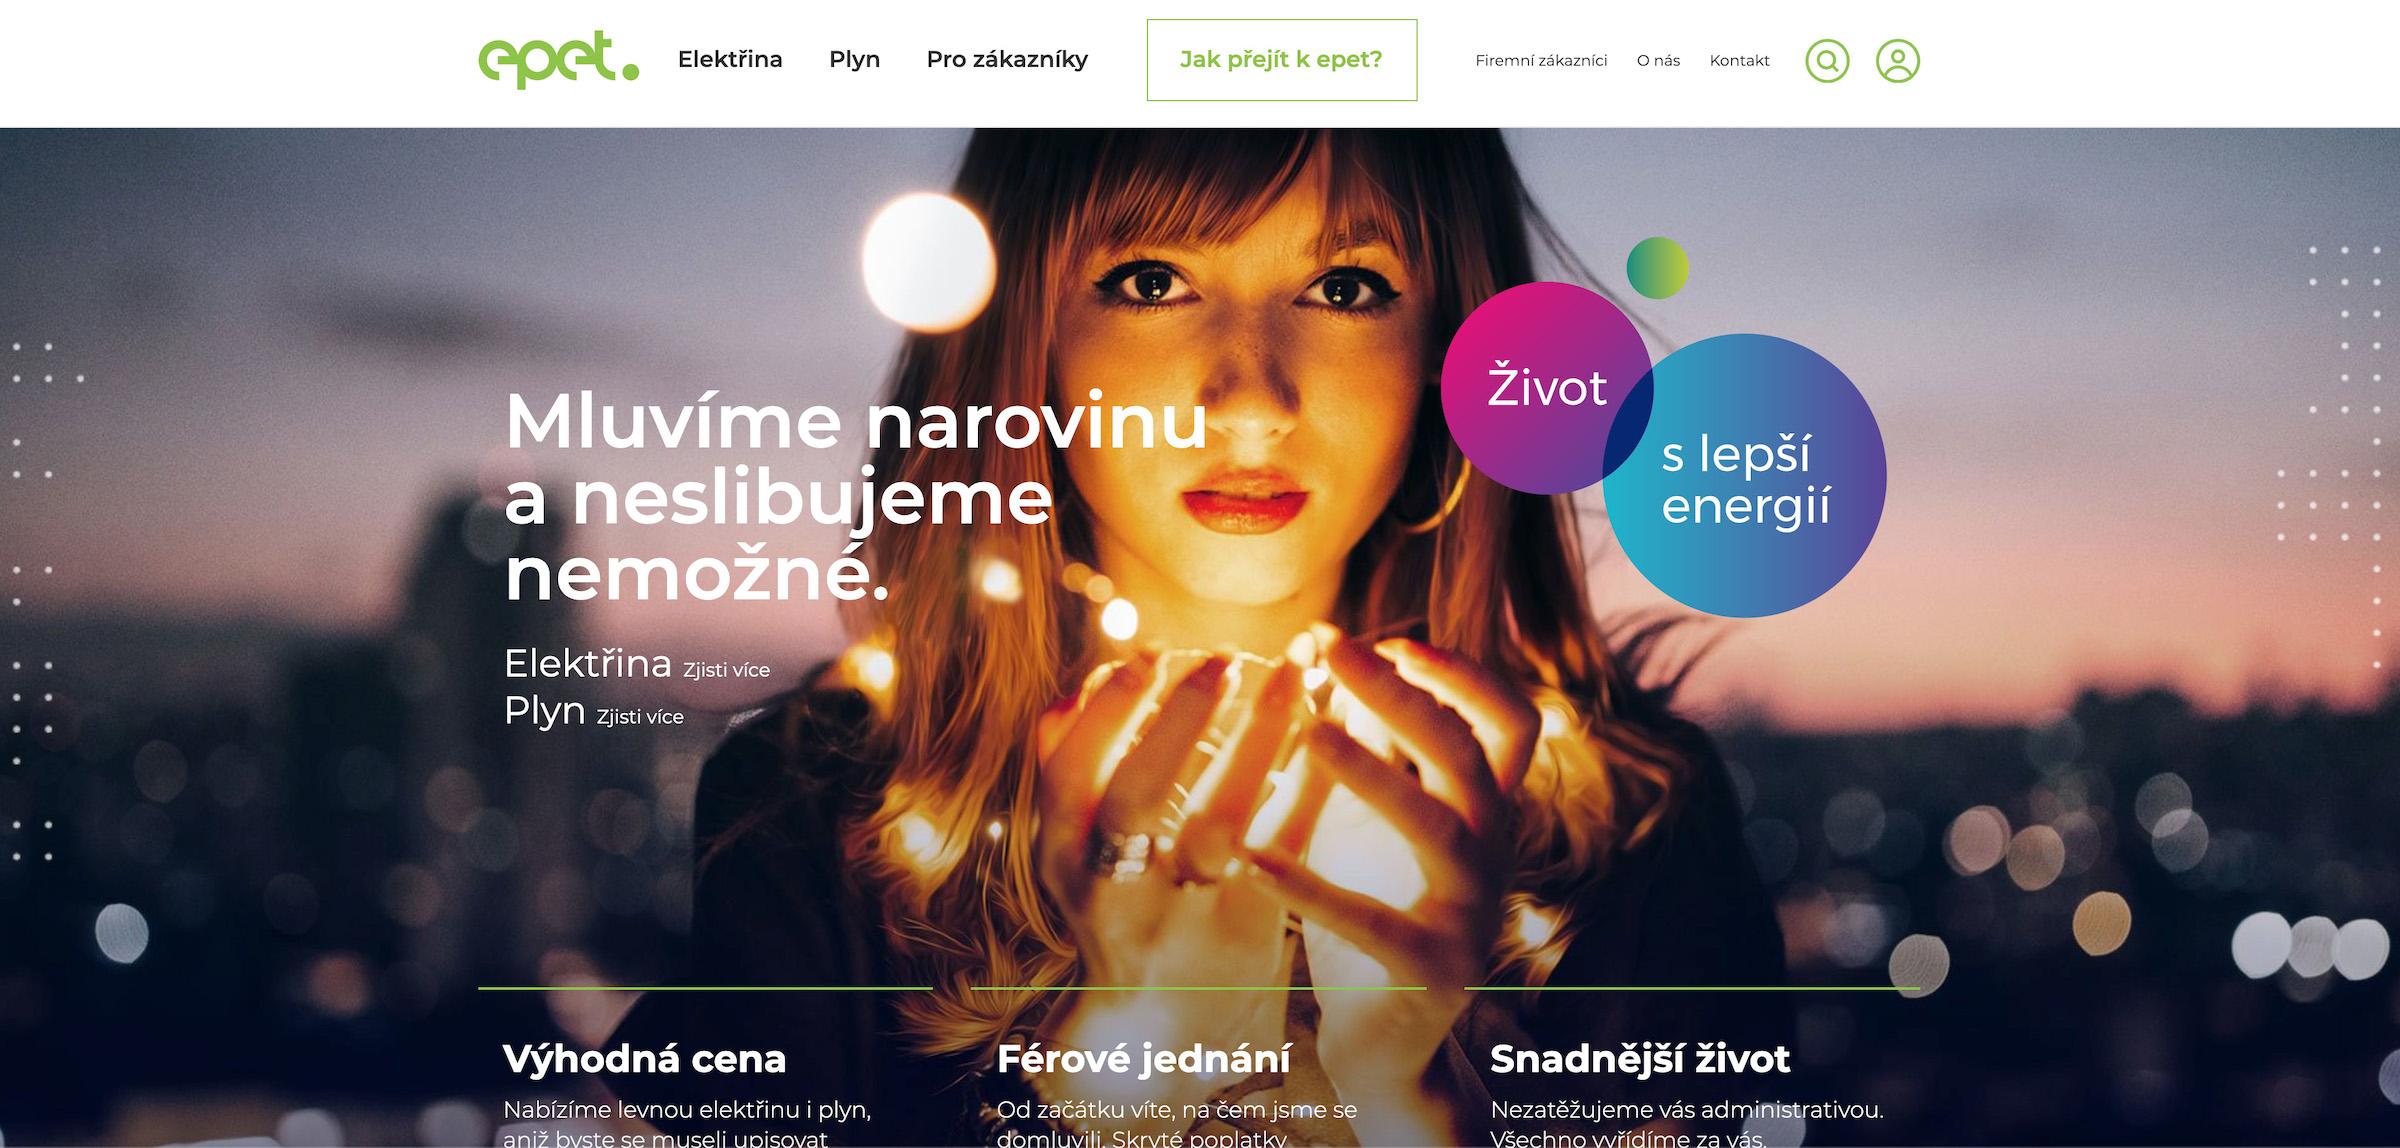 Nový web značky Epet